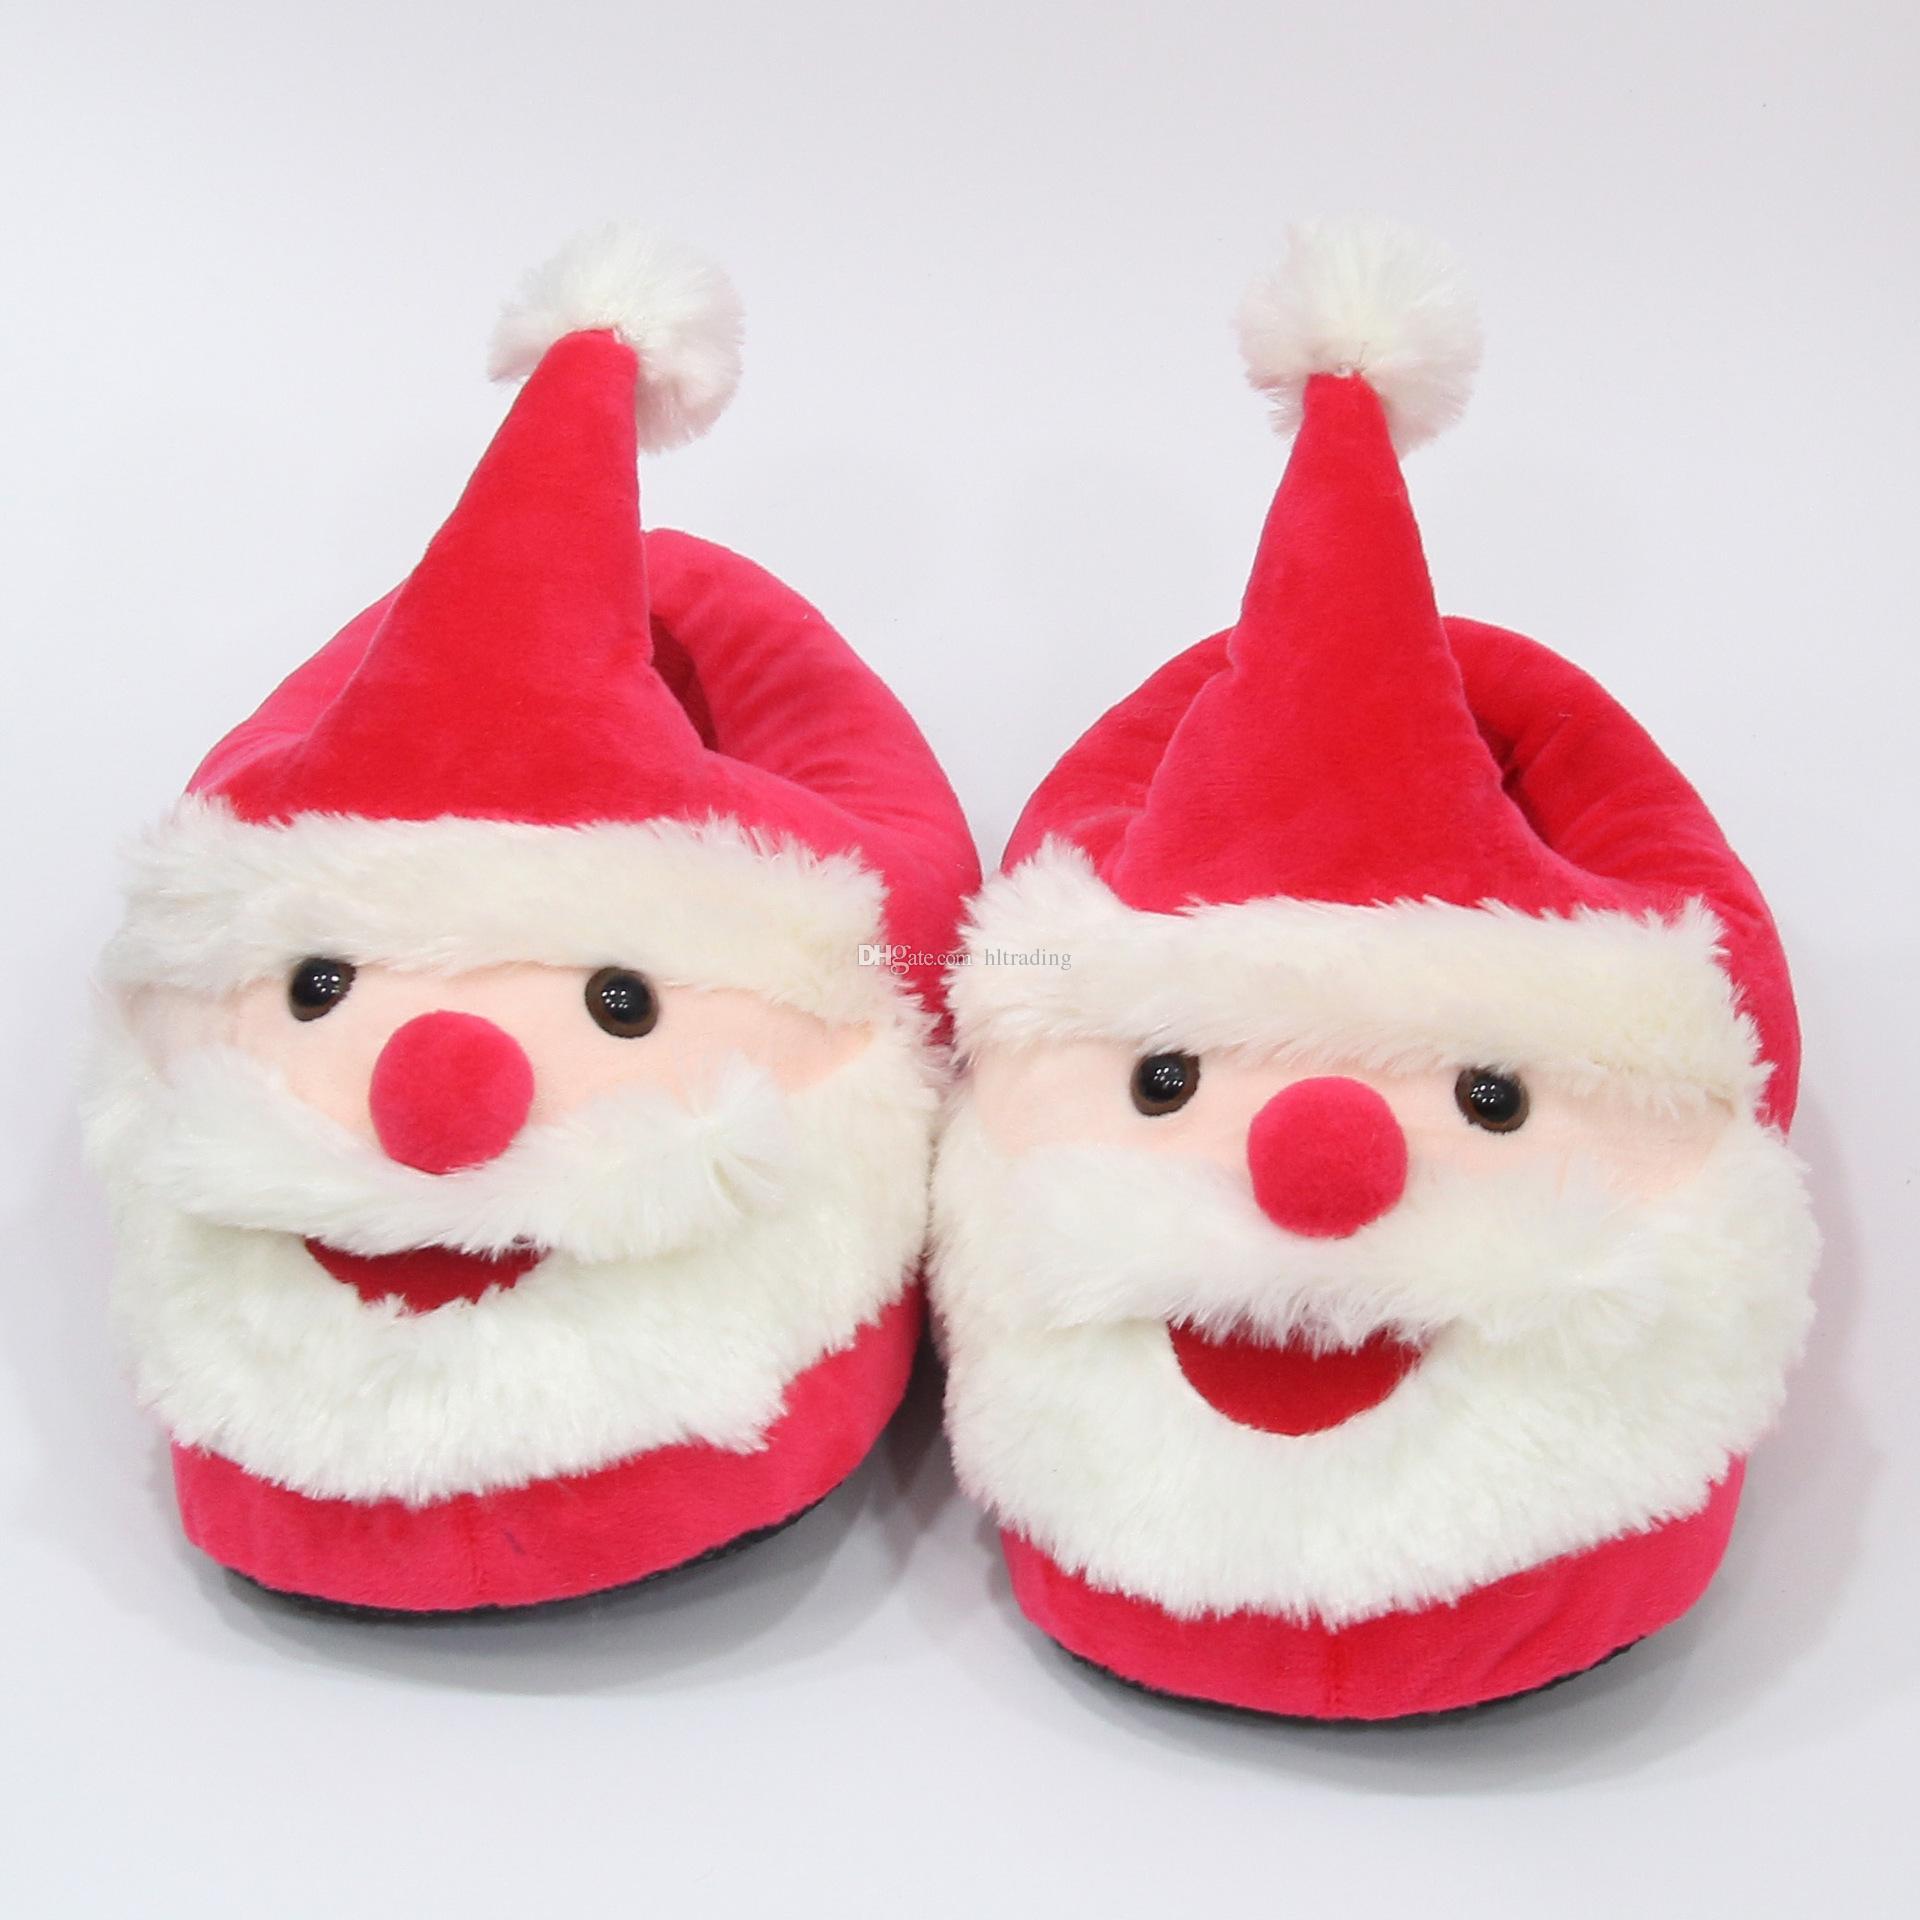 Acquista Bambino Babbo Natale Peluche Pantofole Fumetto Tacco Pieno Morbido  Caldo Famiglia Inverno Infradito Bambini Natale Scarpe 21 Cm C5337 A  7.5  Dal ... ae41d22a2f9